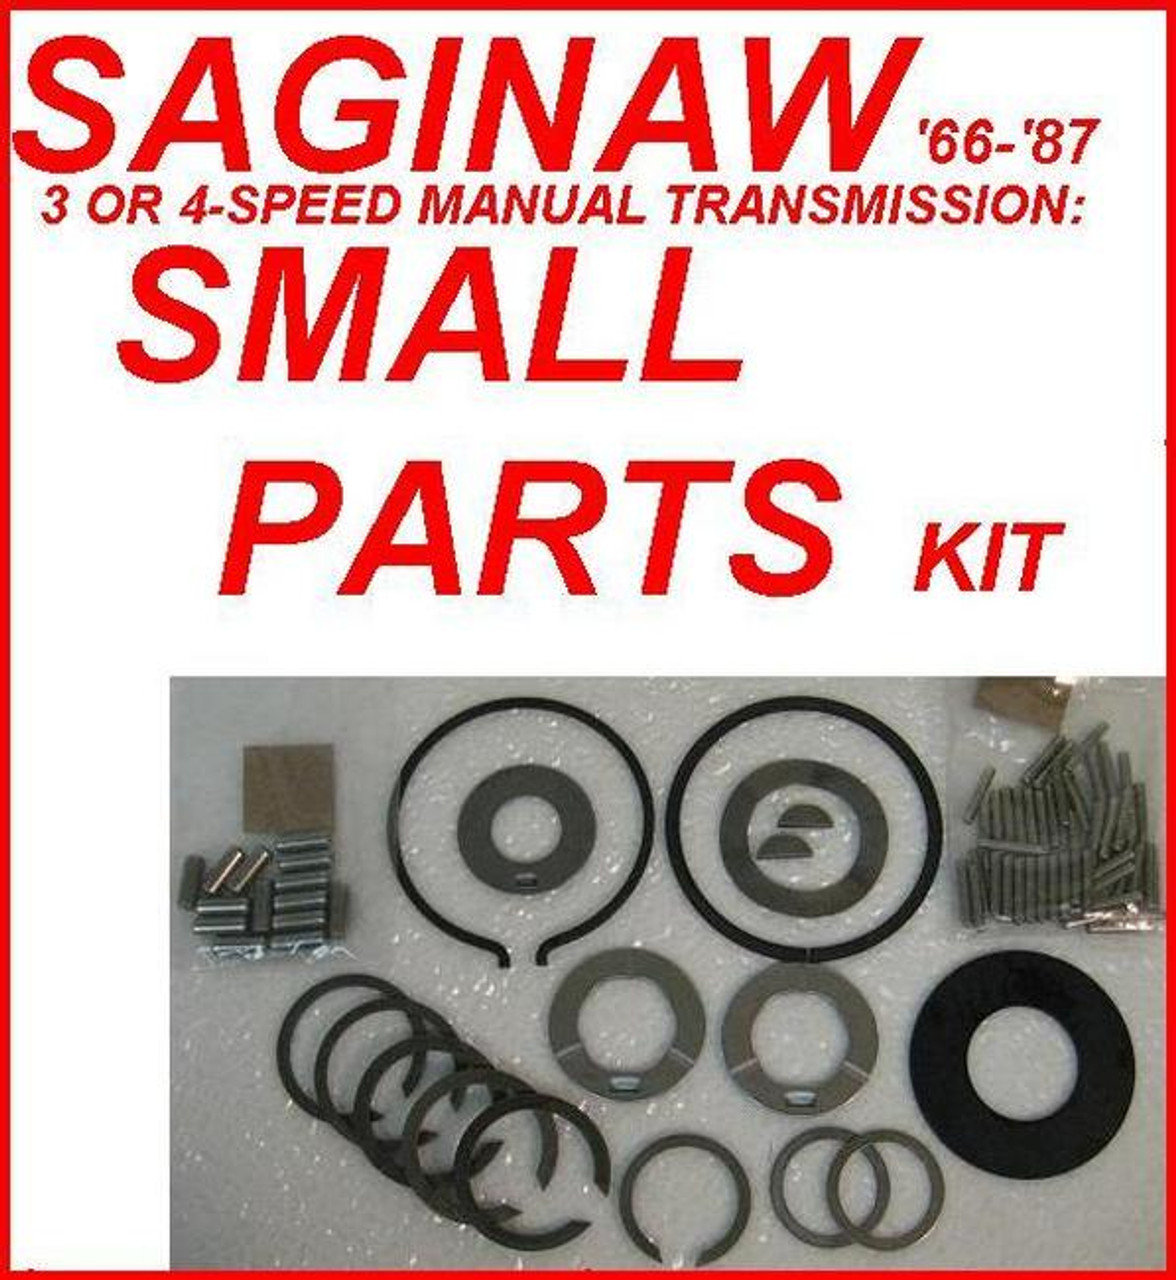 SAGINAW TRANSMISSION SMALL PARTS KIT FITS 3 & 4-SPEED '66-'87 (SP301-50)